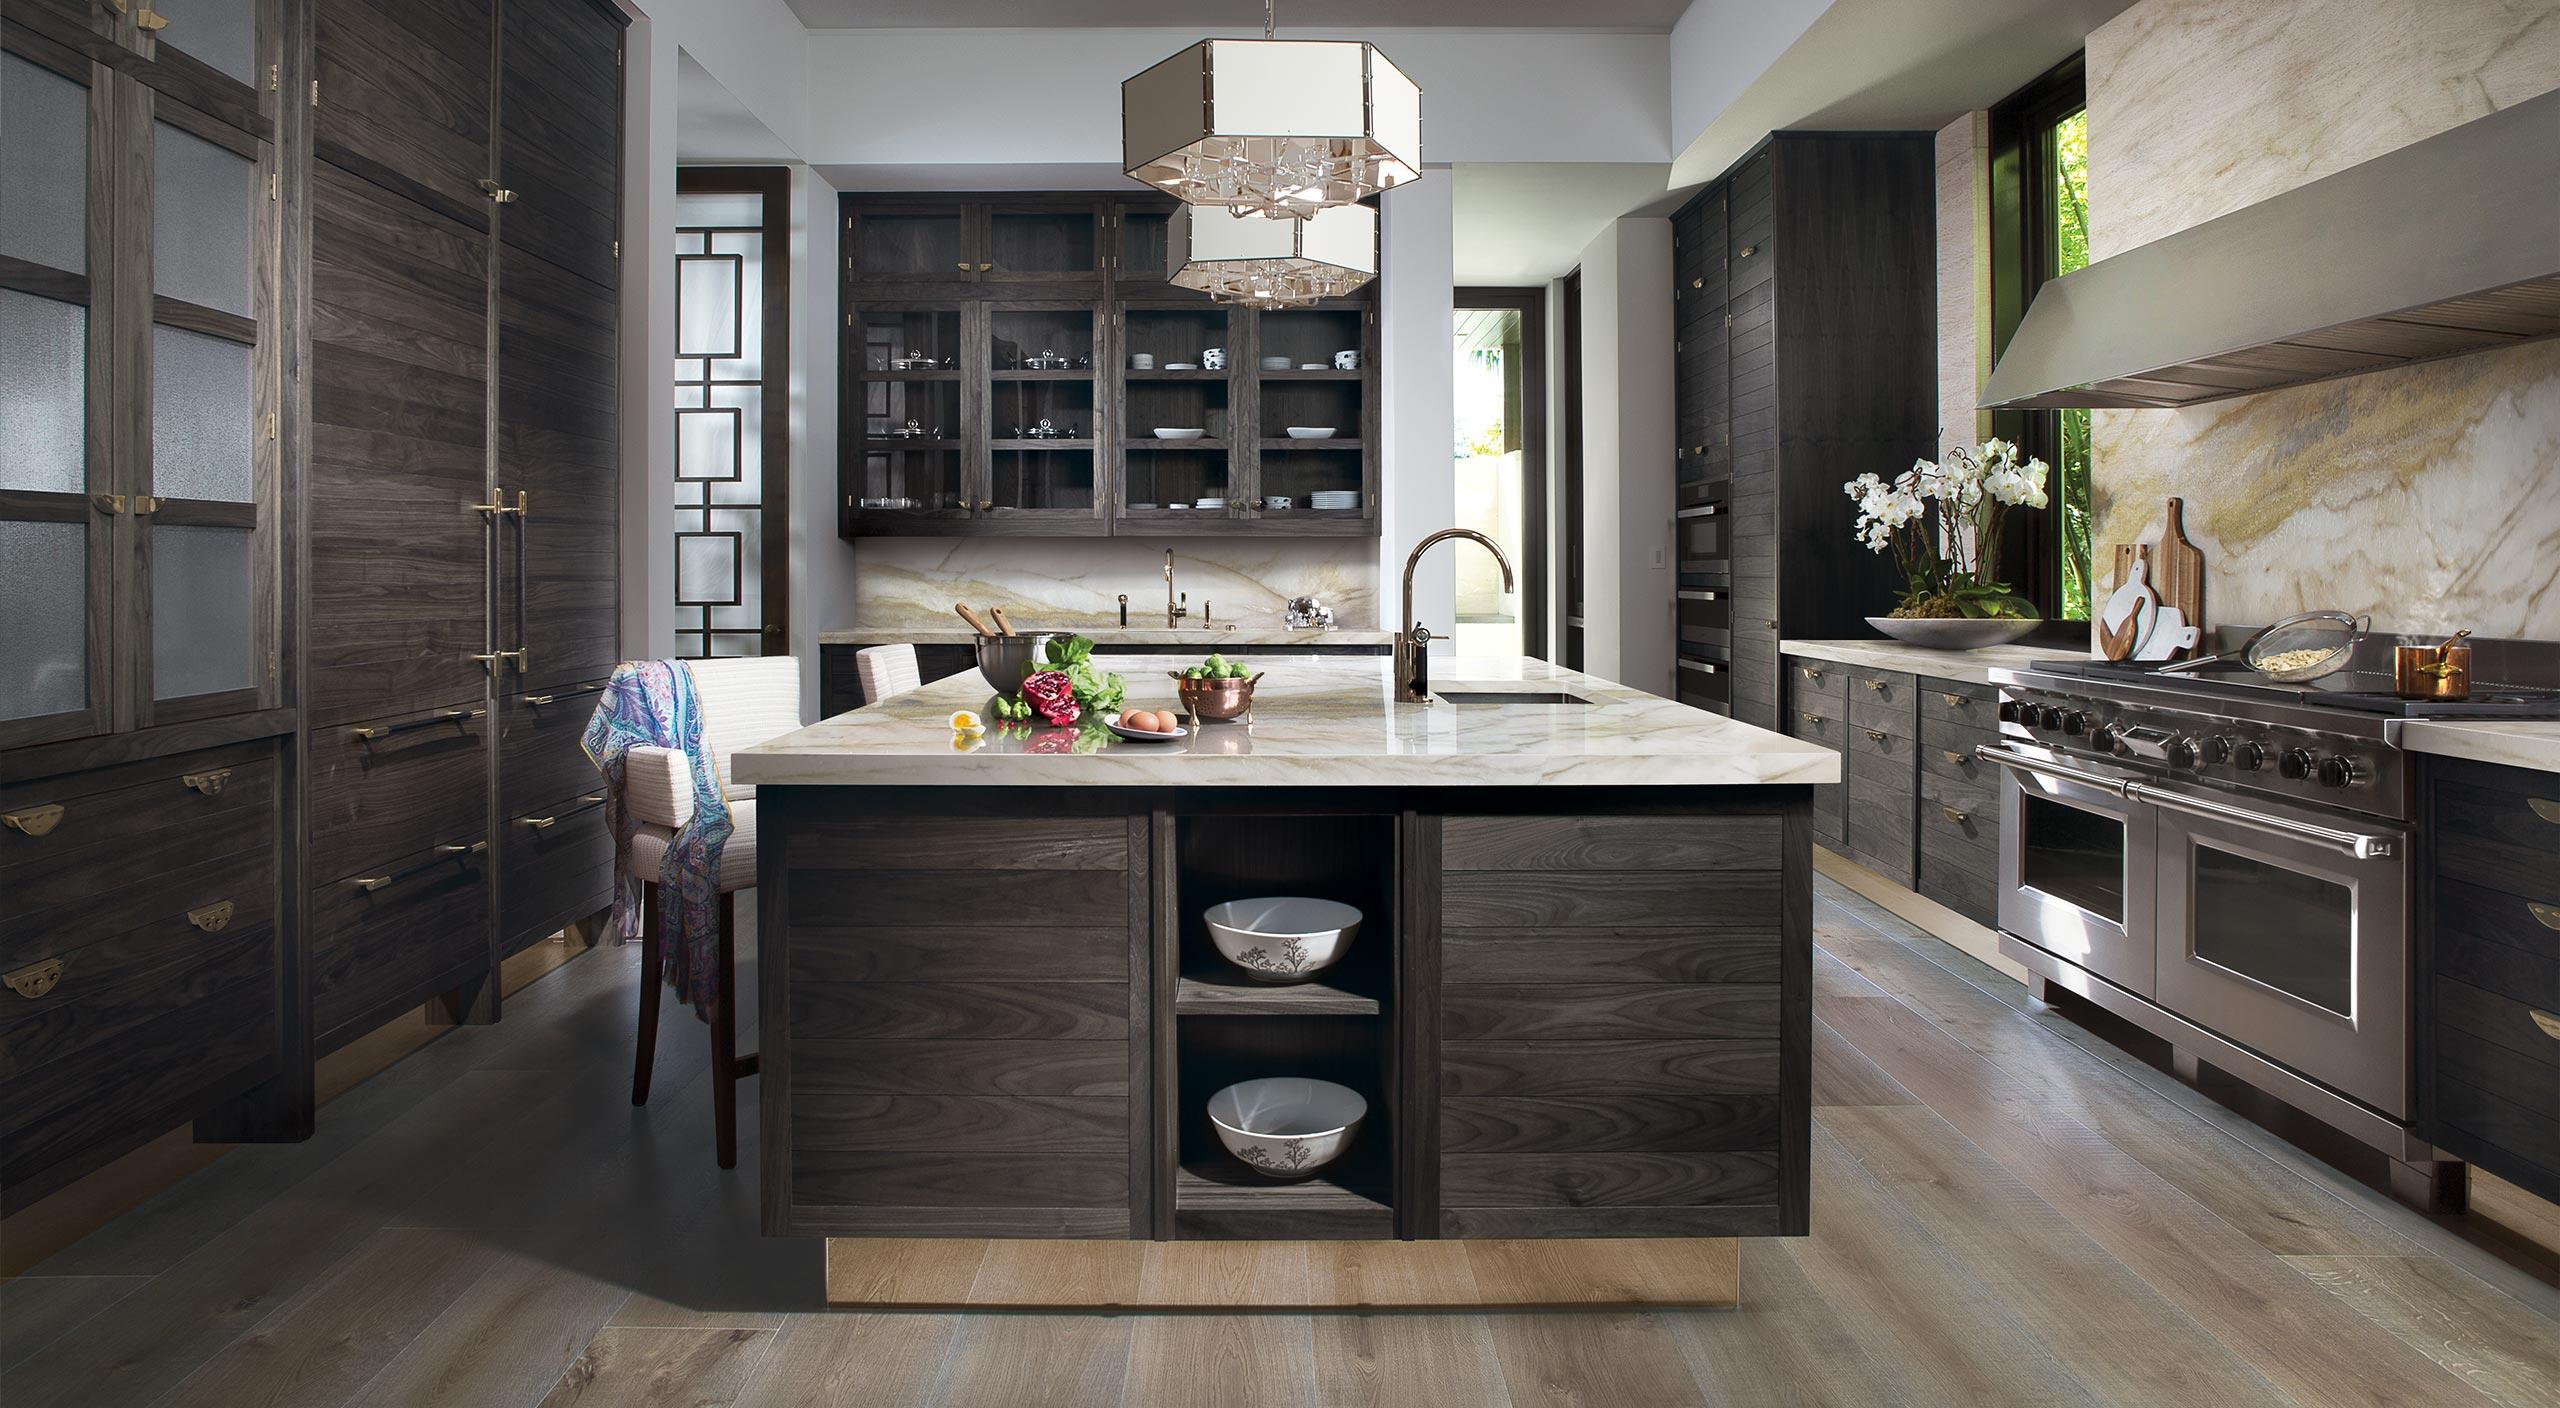 A bespoke Macassar kitchen by Smallbone